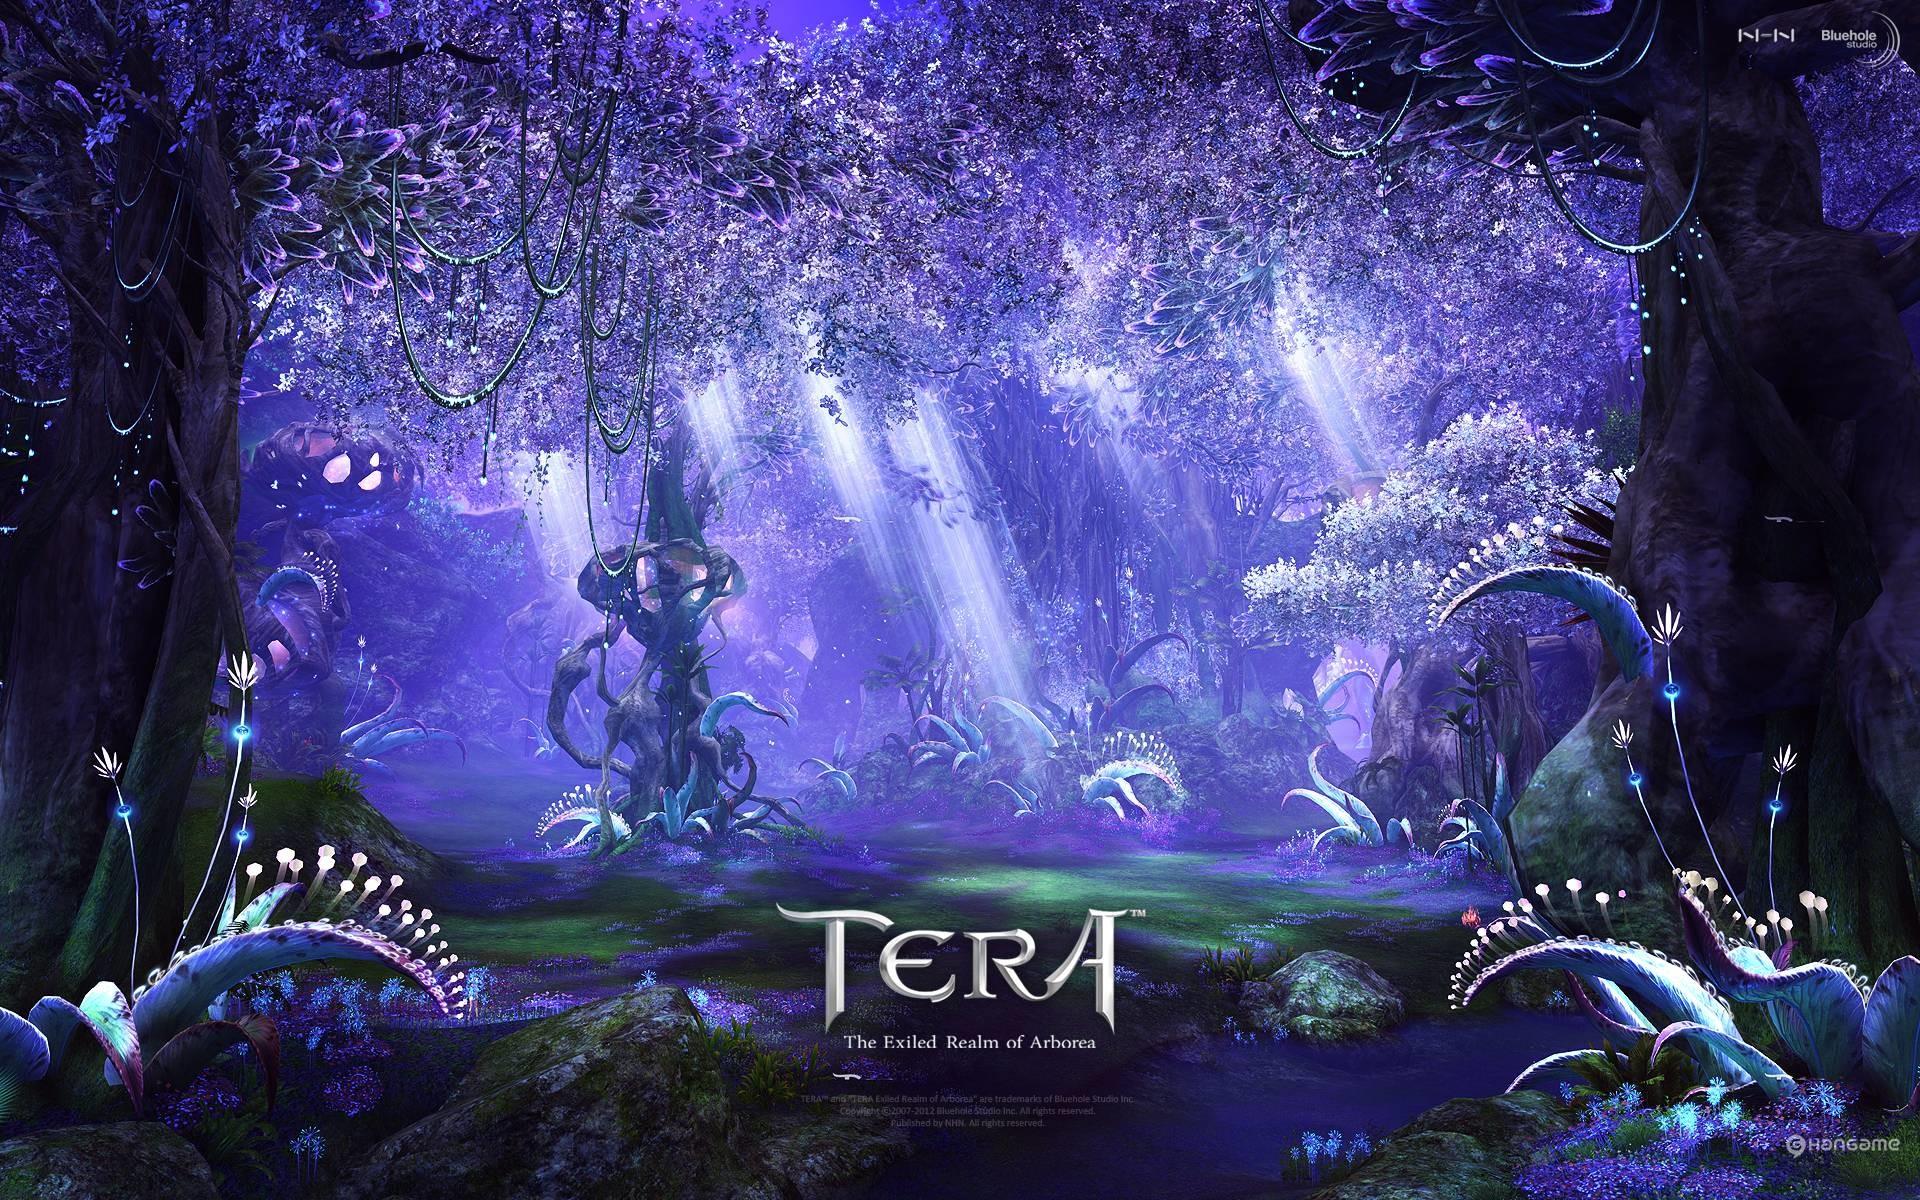 Tera Computer Wallpapers, Desktop Backgrounds Id: 300734